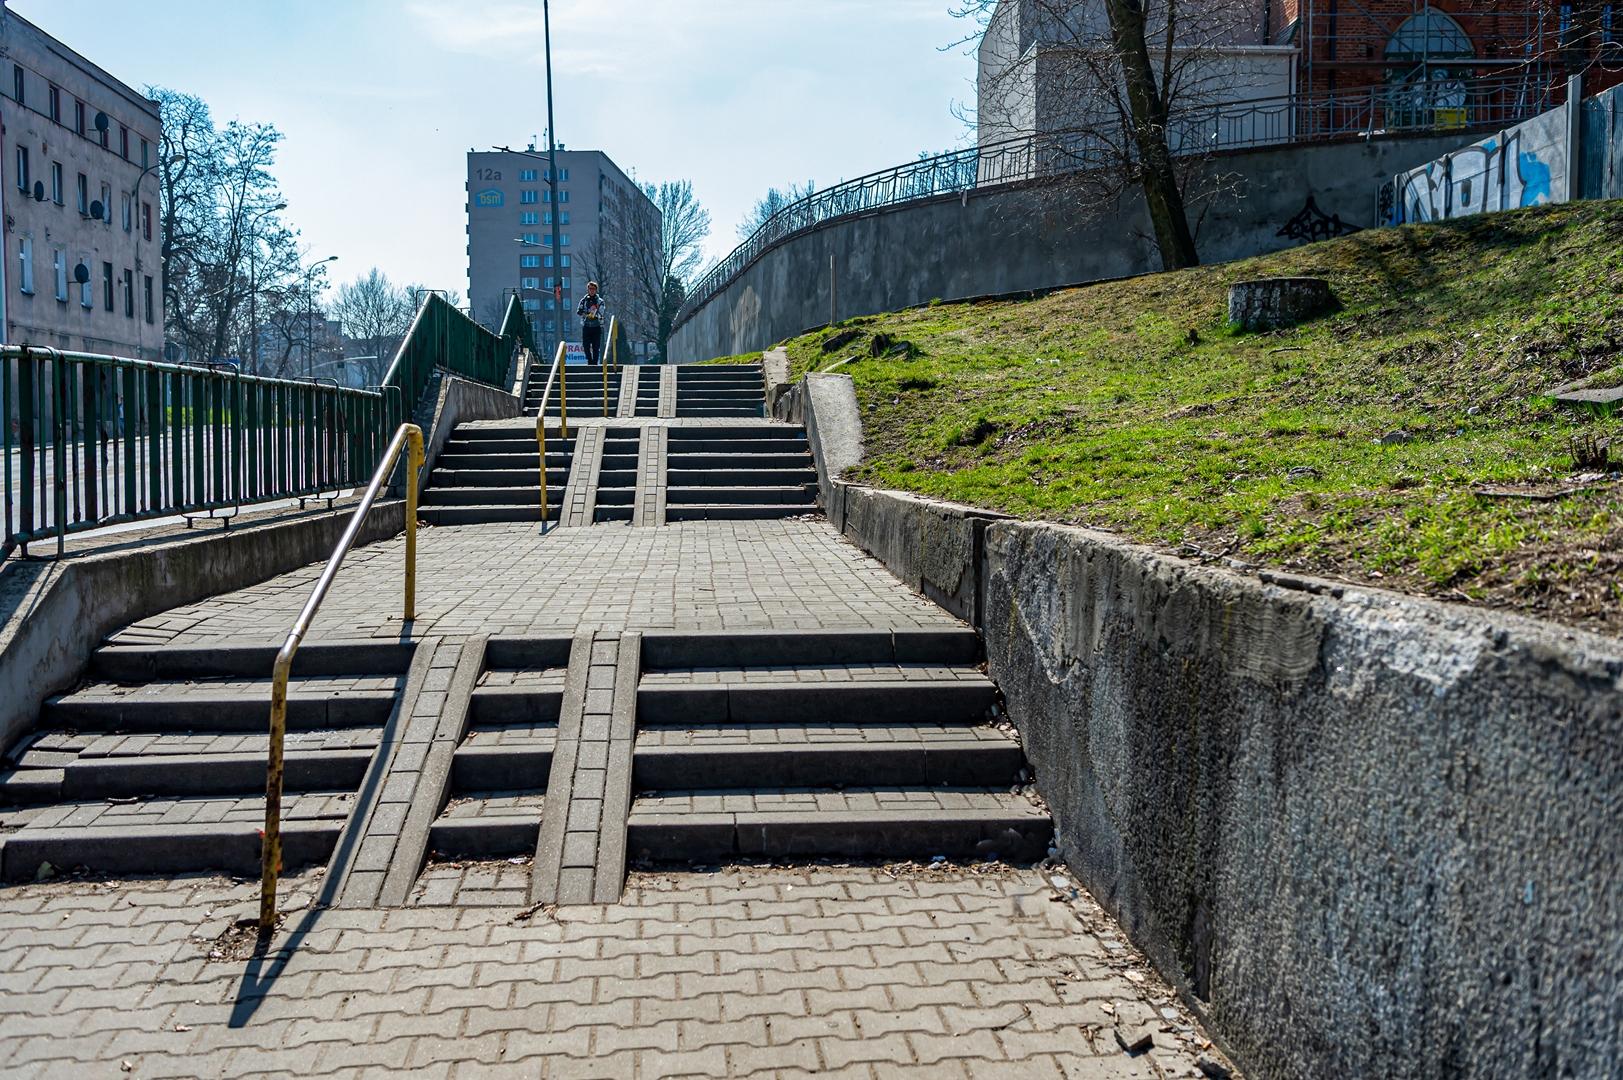 2021 rok pod znakiem inwestycji drogowych - modernizacja i dostosowanie do potrzeb osób niepełnosprawnych ciągu komunikacyjnego Śródmieście - Rozbark przy ul. Chorzowskiej znajdującego się obok powstającego Centrum Sportów Wspinaczkowych i Siłowych